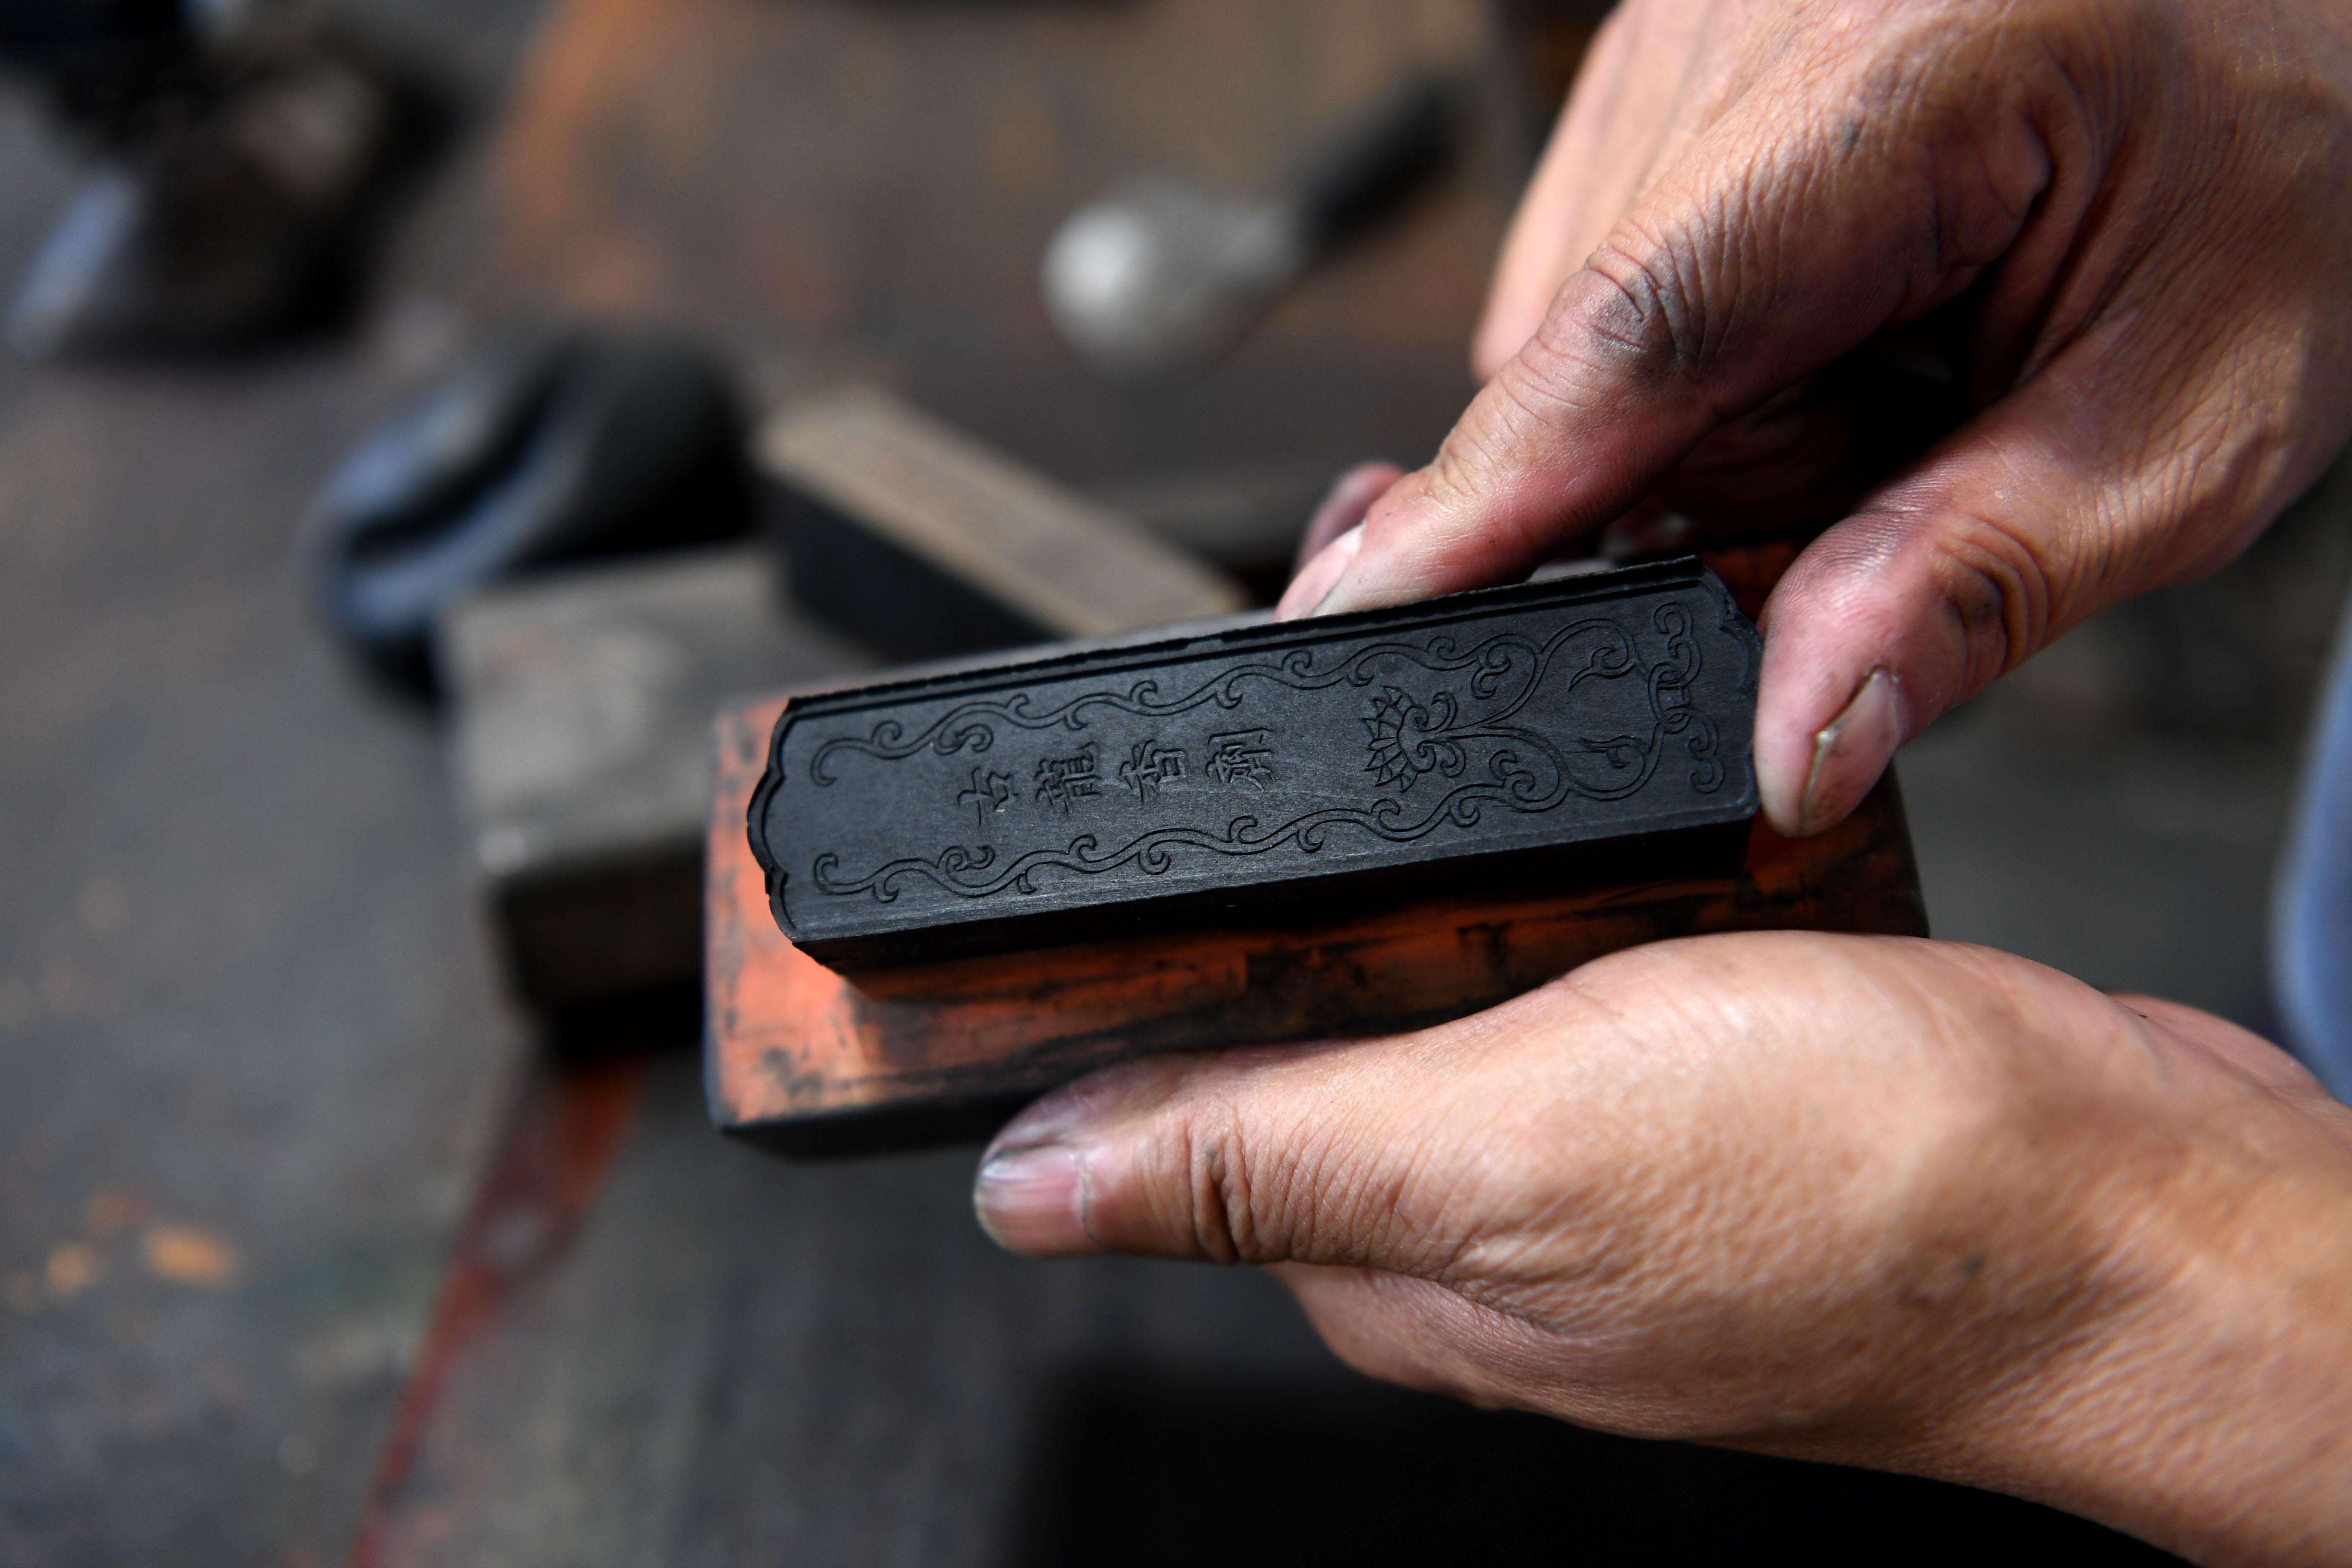 8月29日,吴成林从模具中取出制作好的墨。